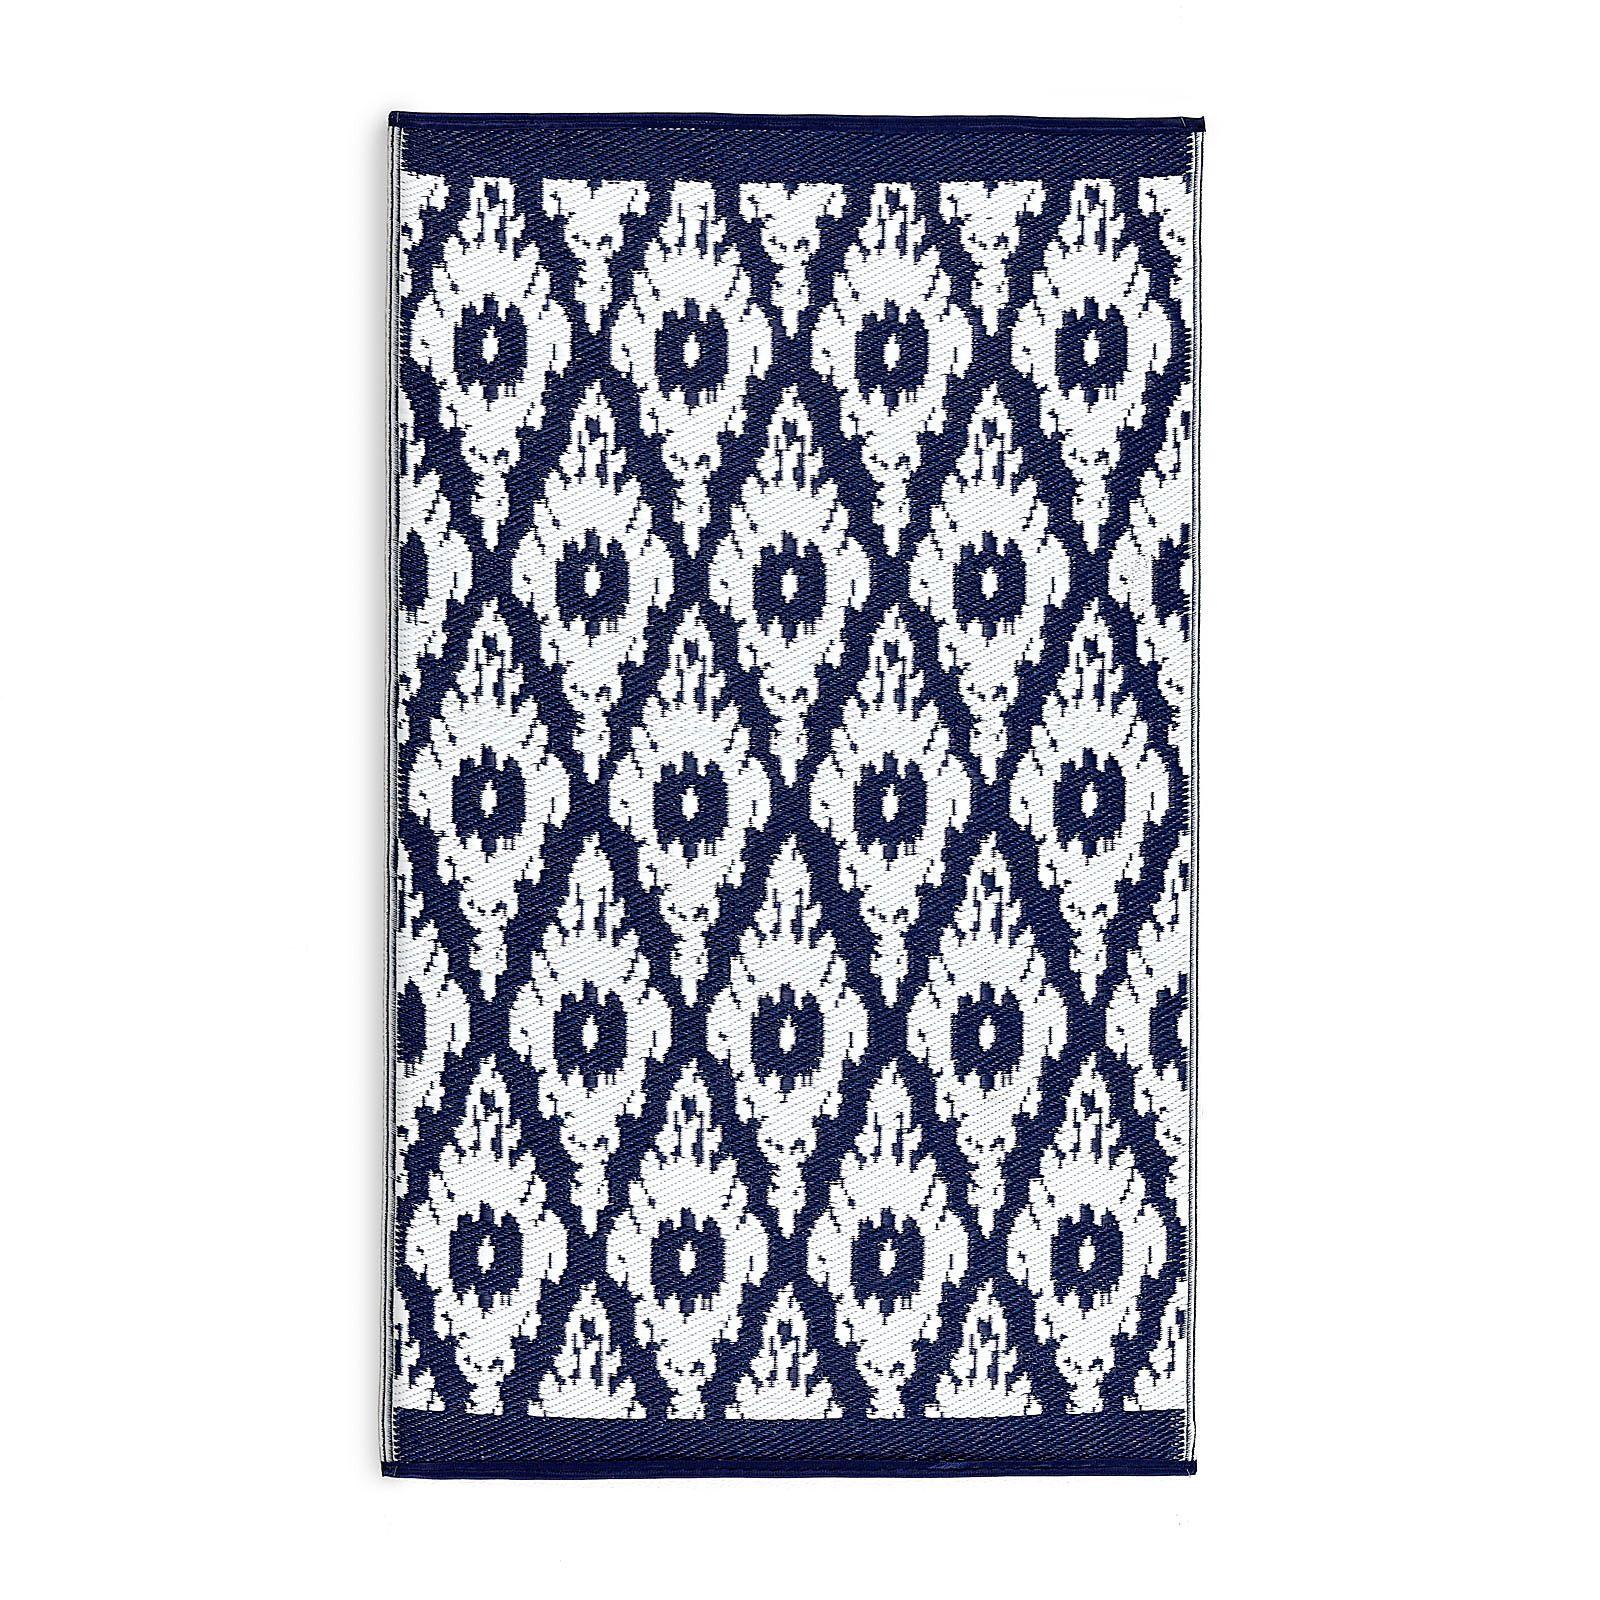 Depot Outdoor Teppich teppich outdoor dunkelblau ca b 150 x l 206 cm teppich für